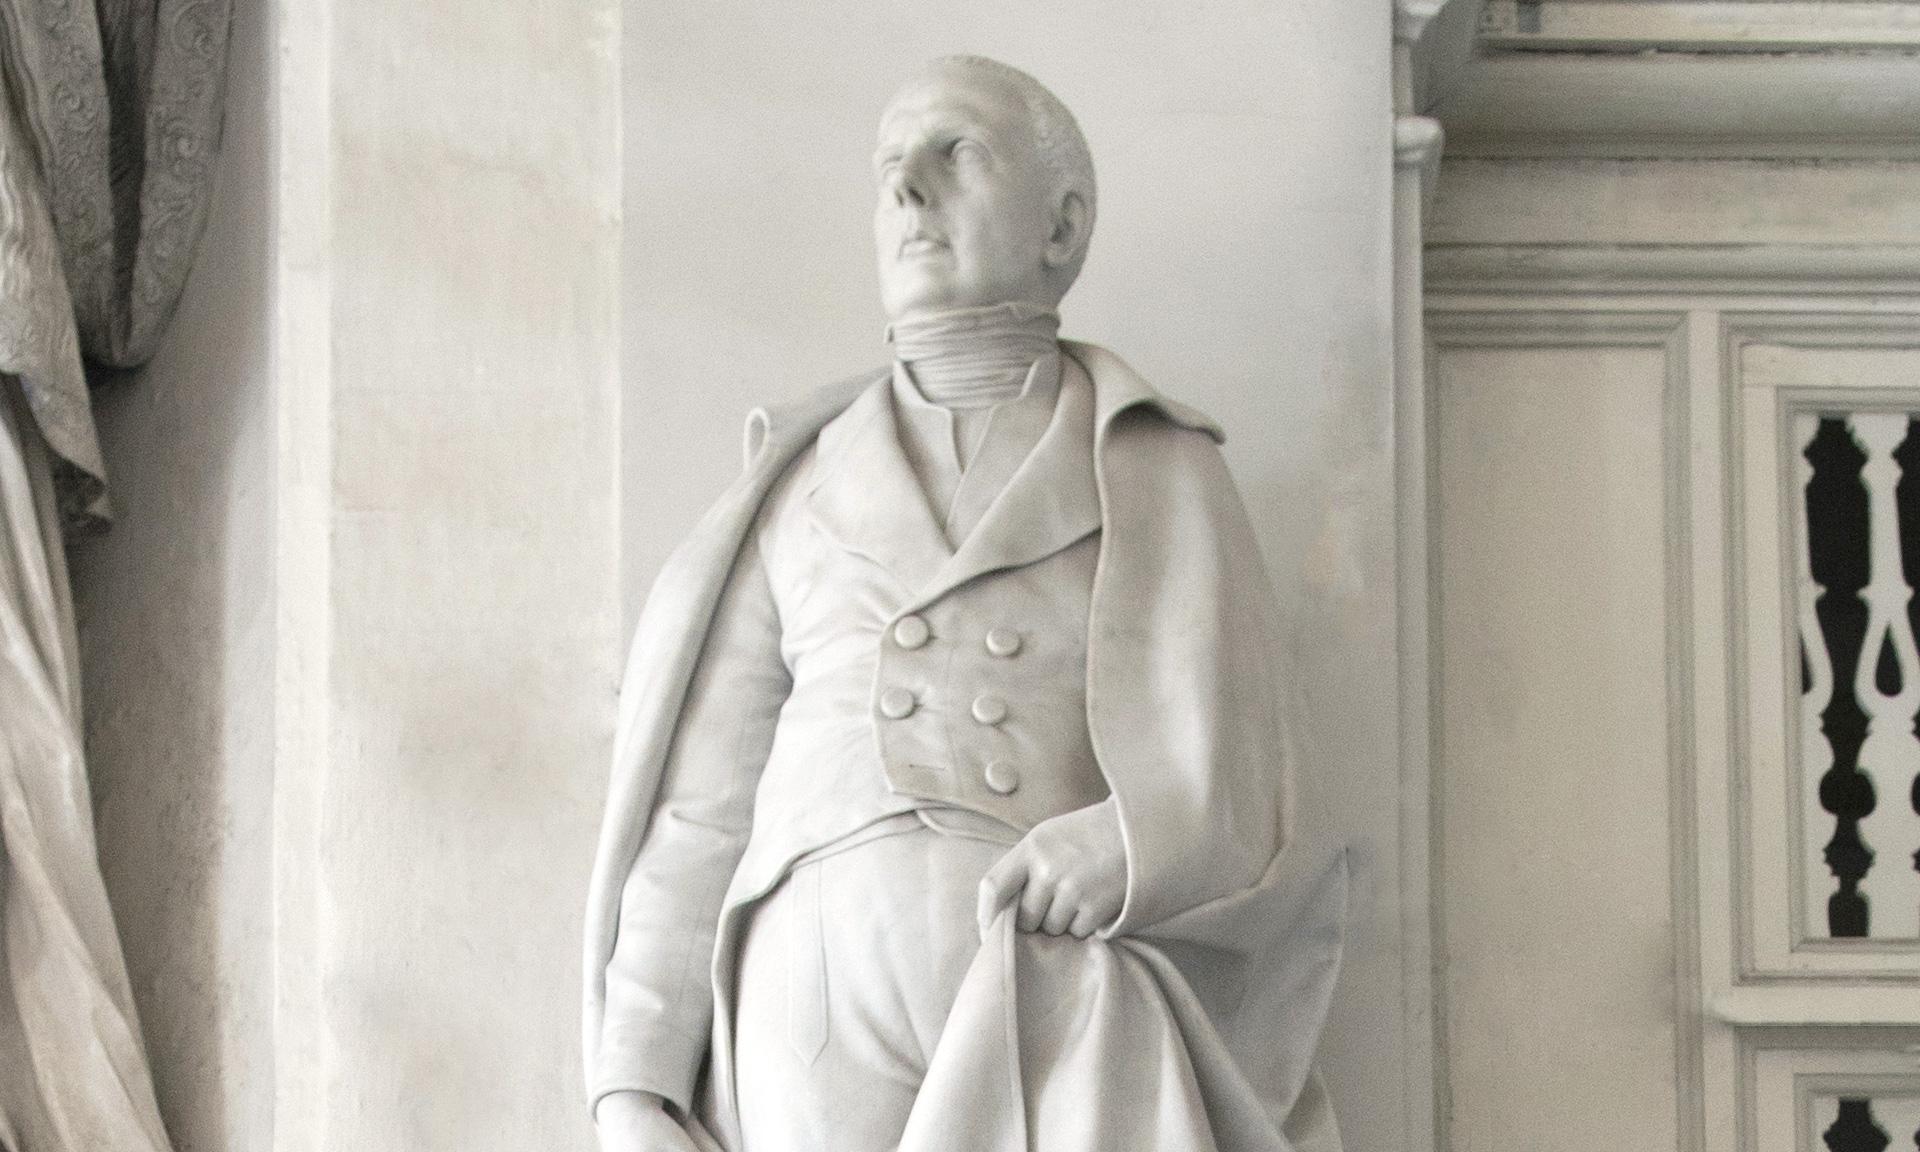 statue_alexandro-pallavicino - Albergo dei Poveri Genova